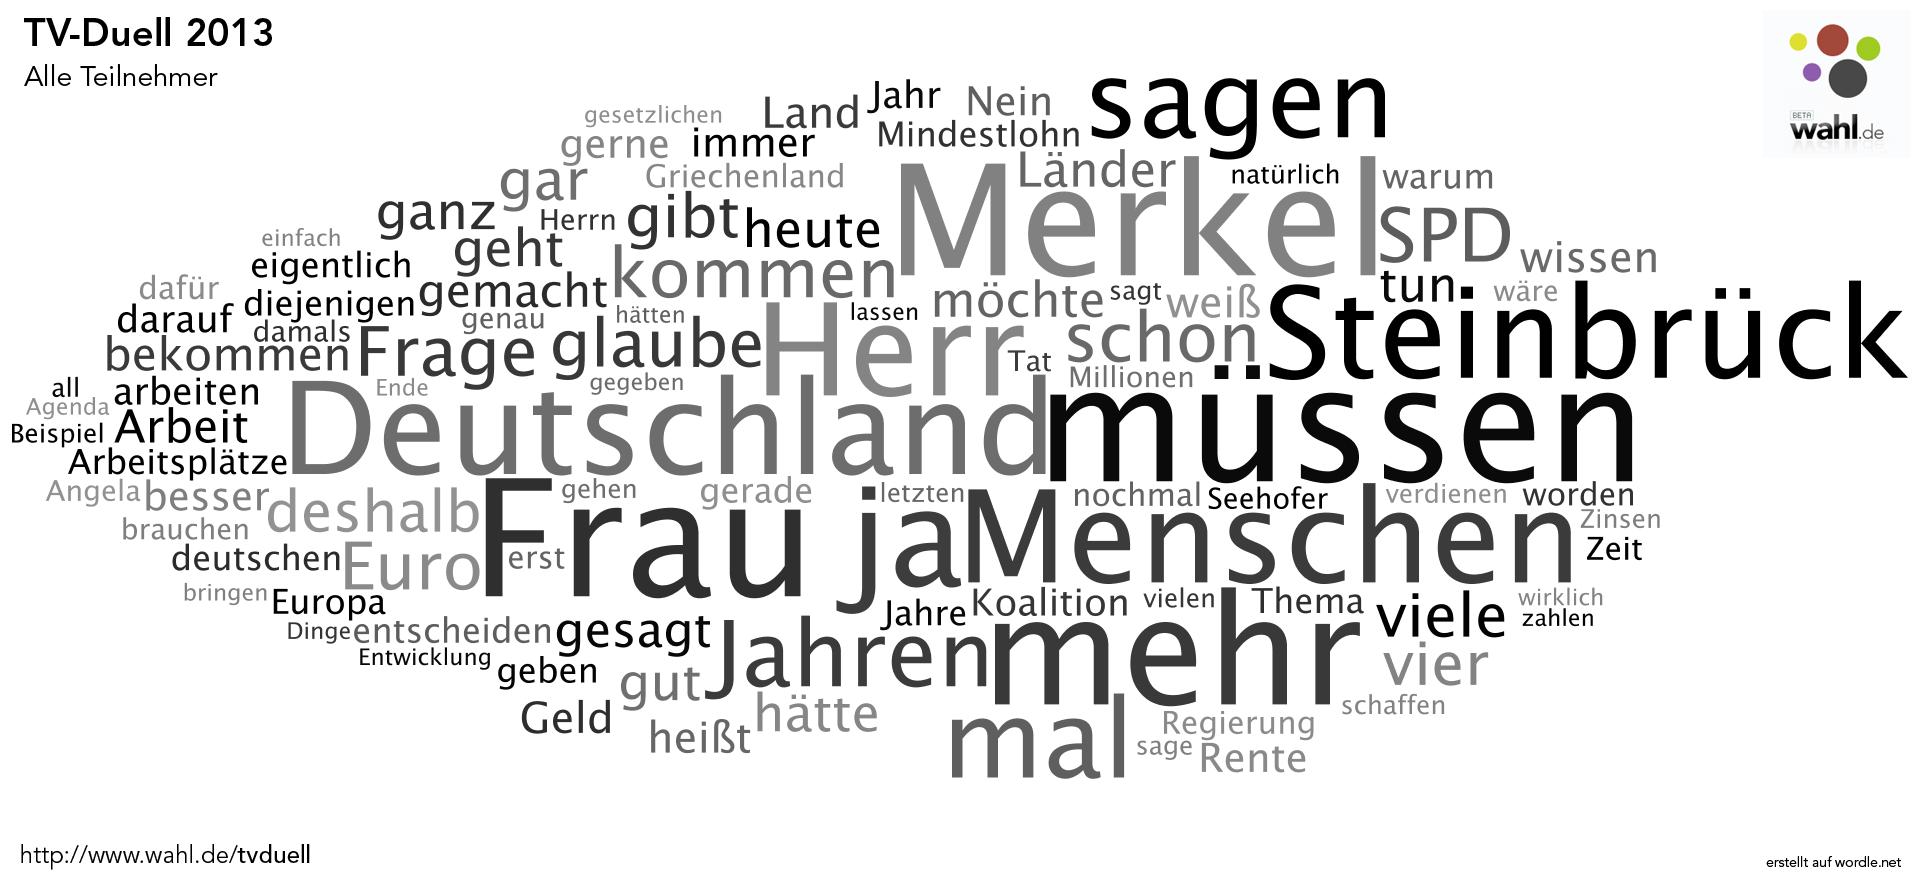 Das TV-Duell: Worte sagen manchmal mehr als Bilder. | wahl.de